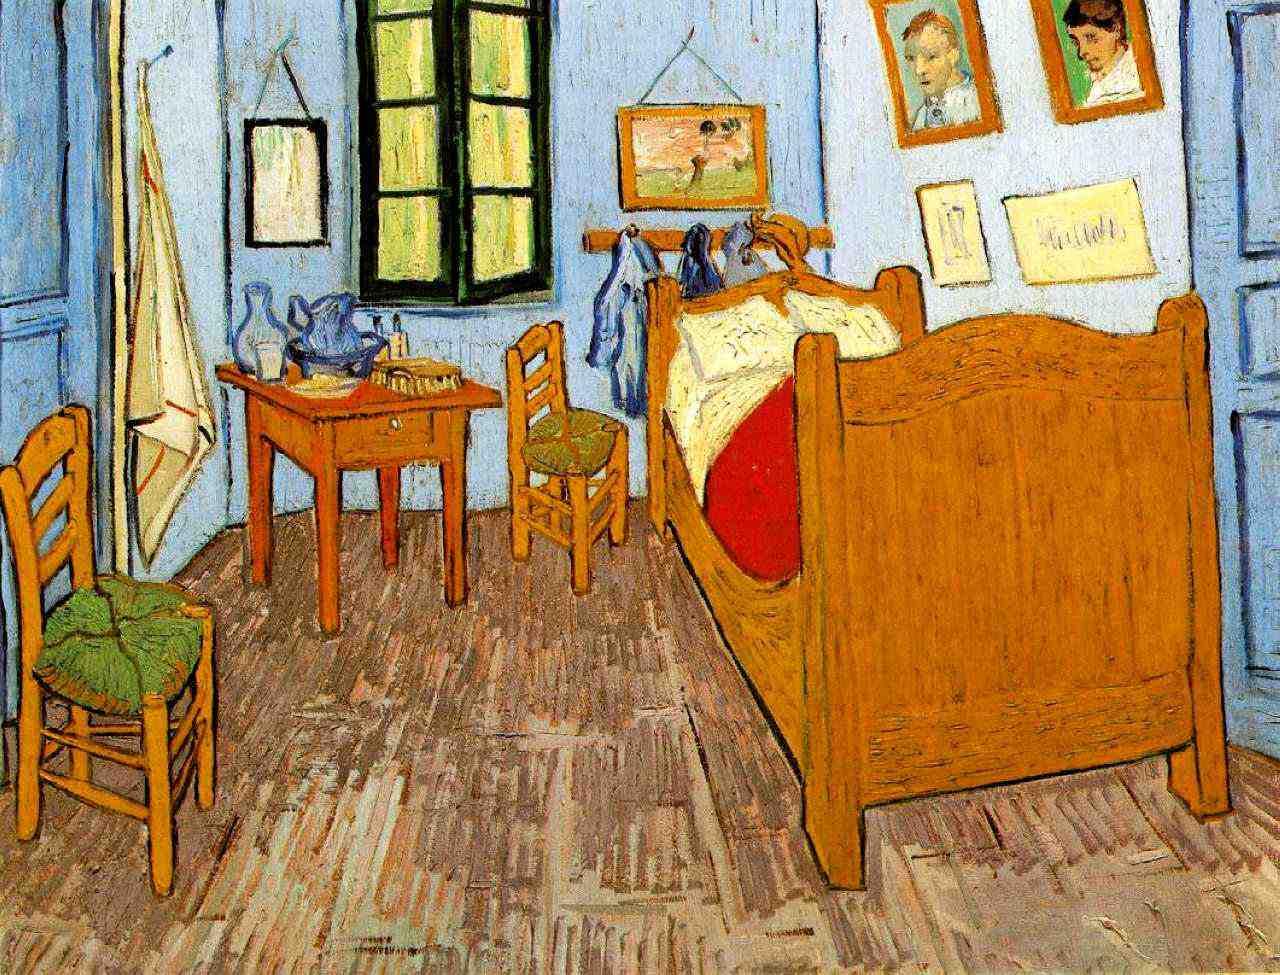 Van Gogh: Bedroom in Arles